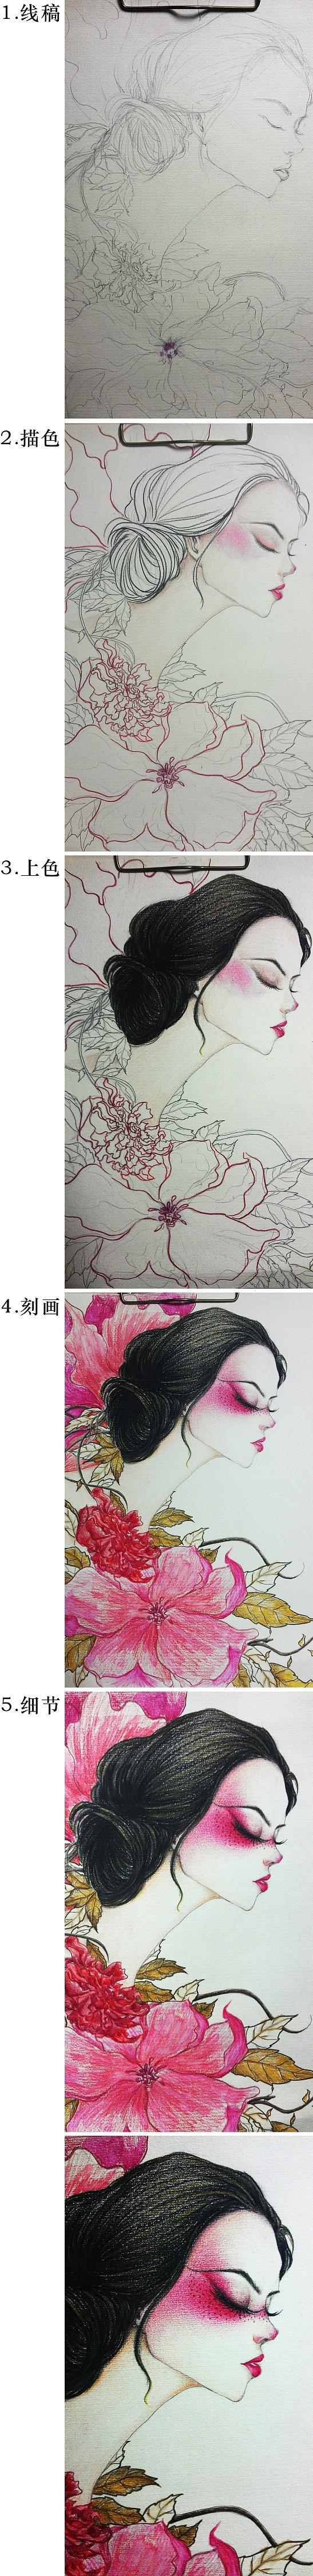 彩铅画·蔷薇妹子